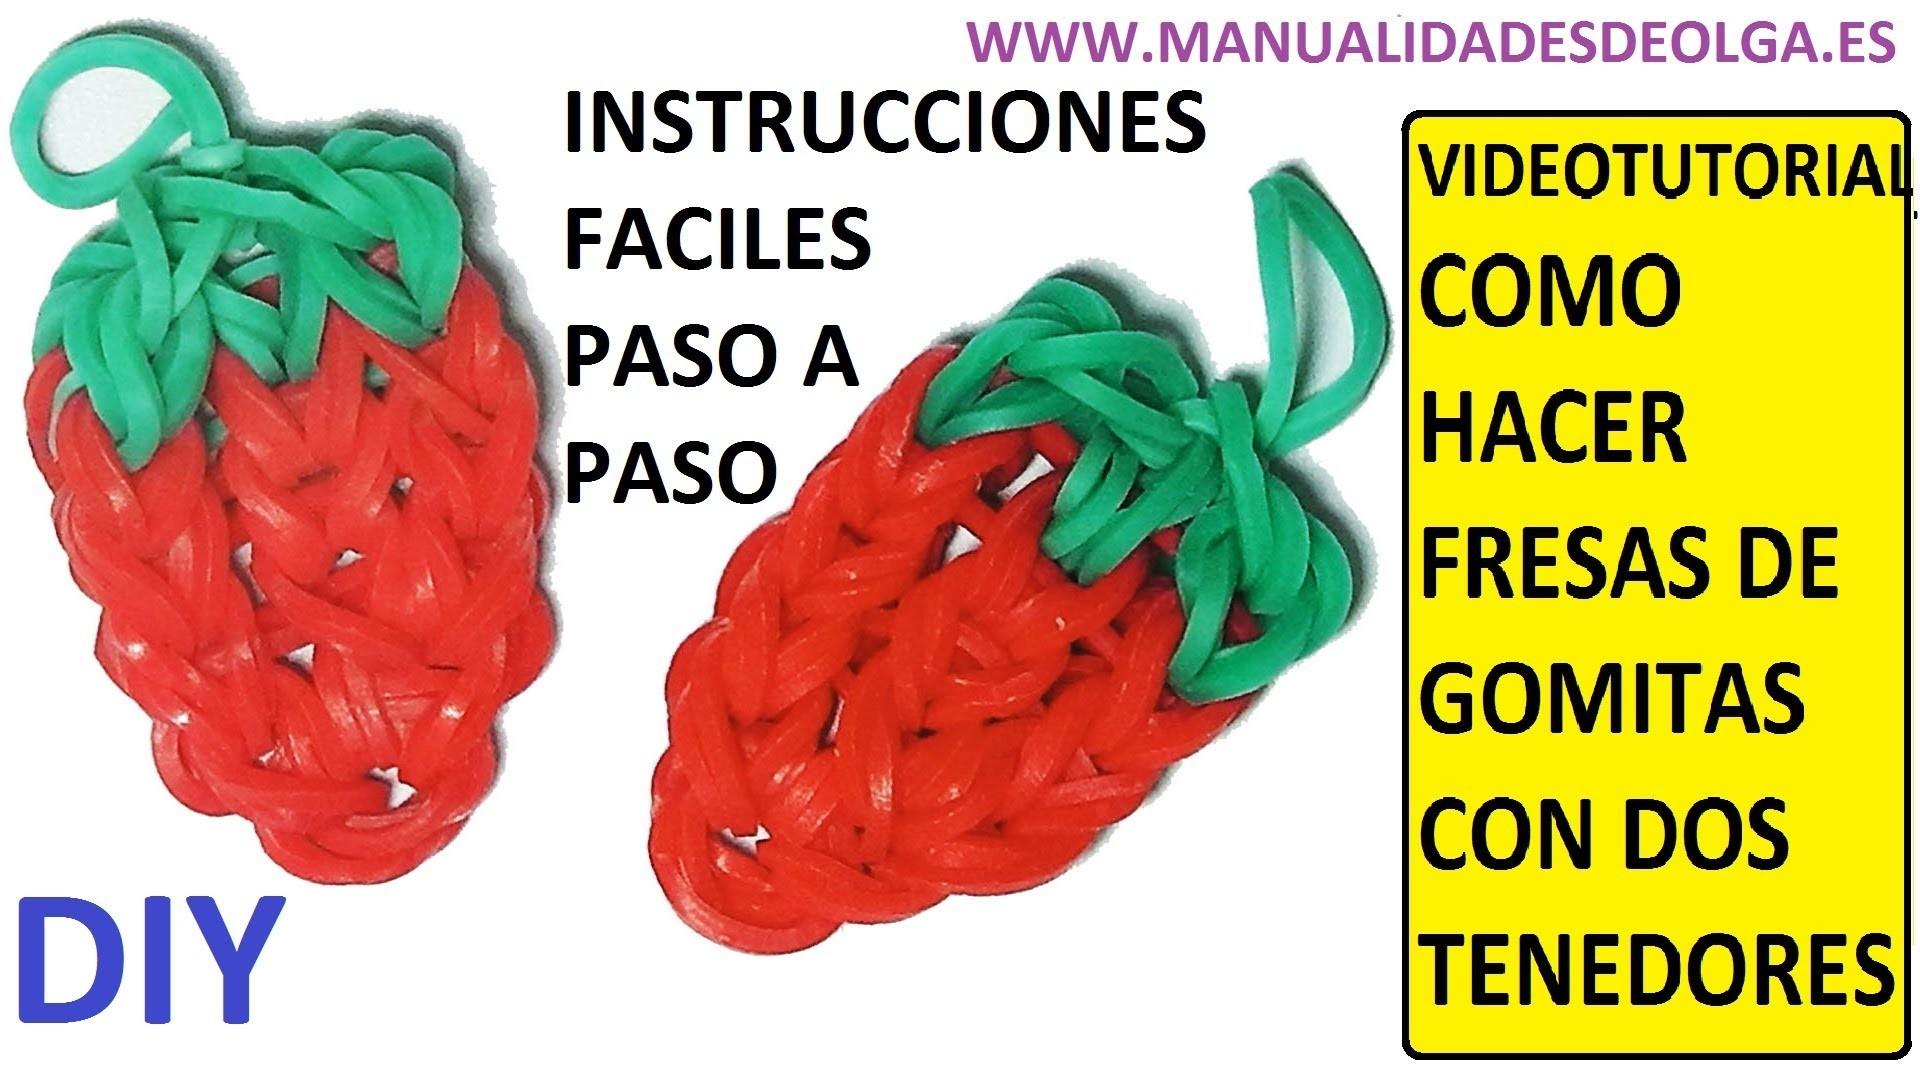 COMO HACER UNA FRESA DE GOMITAS (LIGAS) CHARMS CON DOS TENEDORES. VIDEOTUTORIAL DIY.